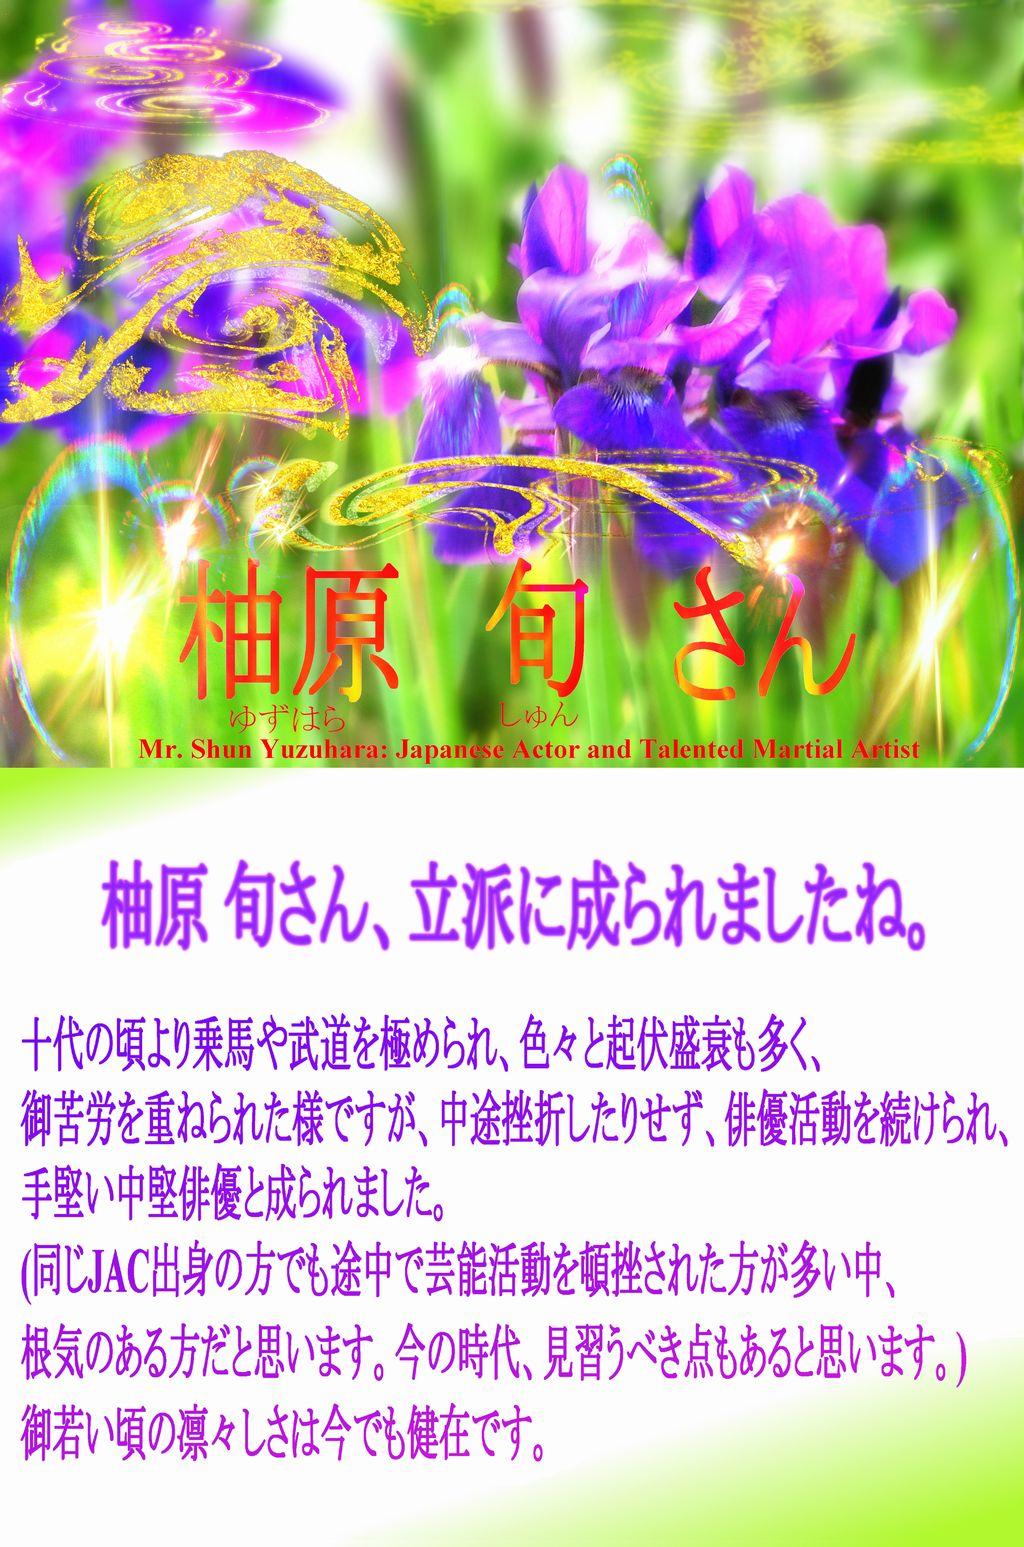 花のアヤメの写真